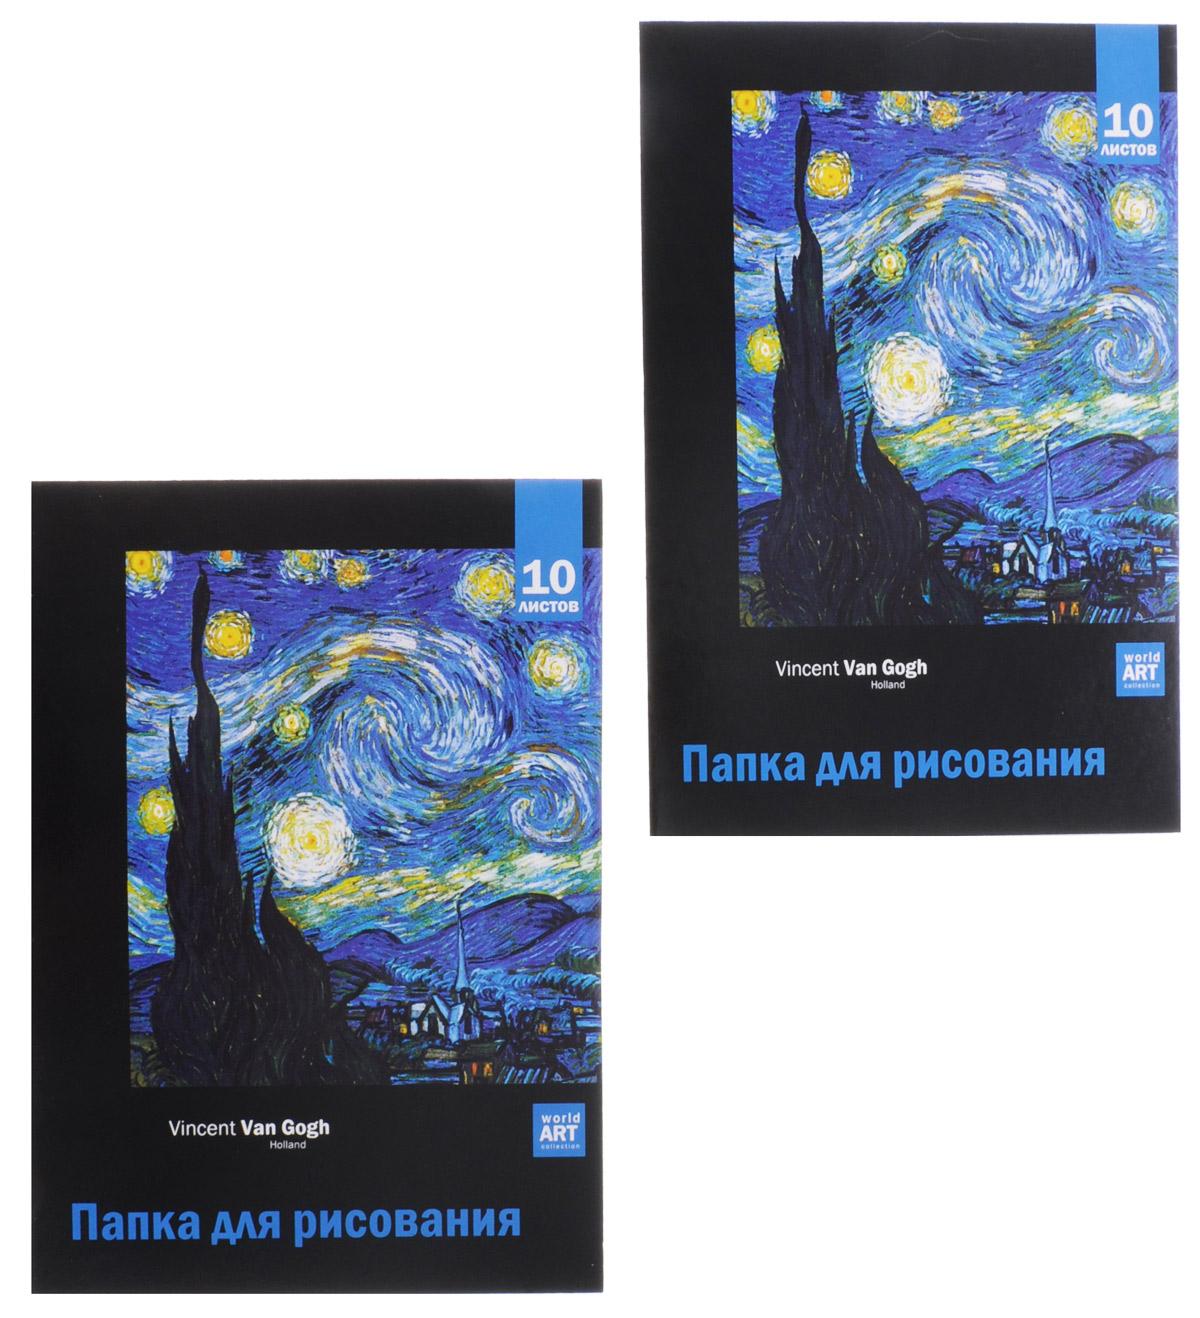 Фото - Action! Папка для рисования Vincent Van Gogh 10 листов 2 шт AFDS-4/10-2 календарь 2019 vincent van gogh